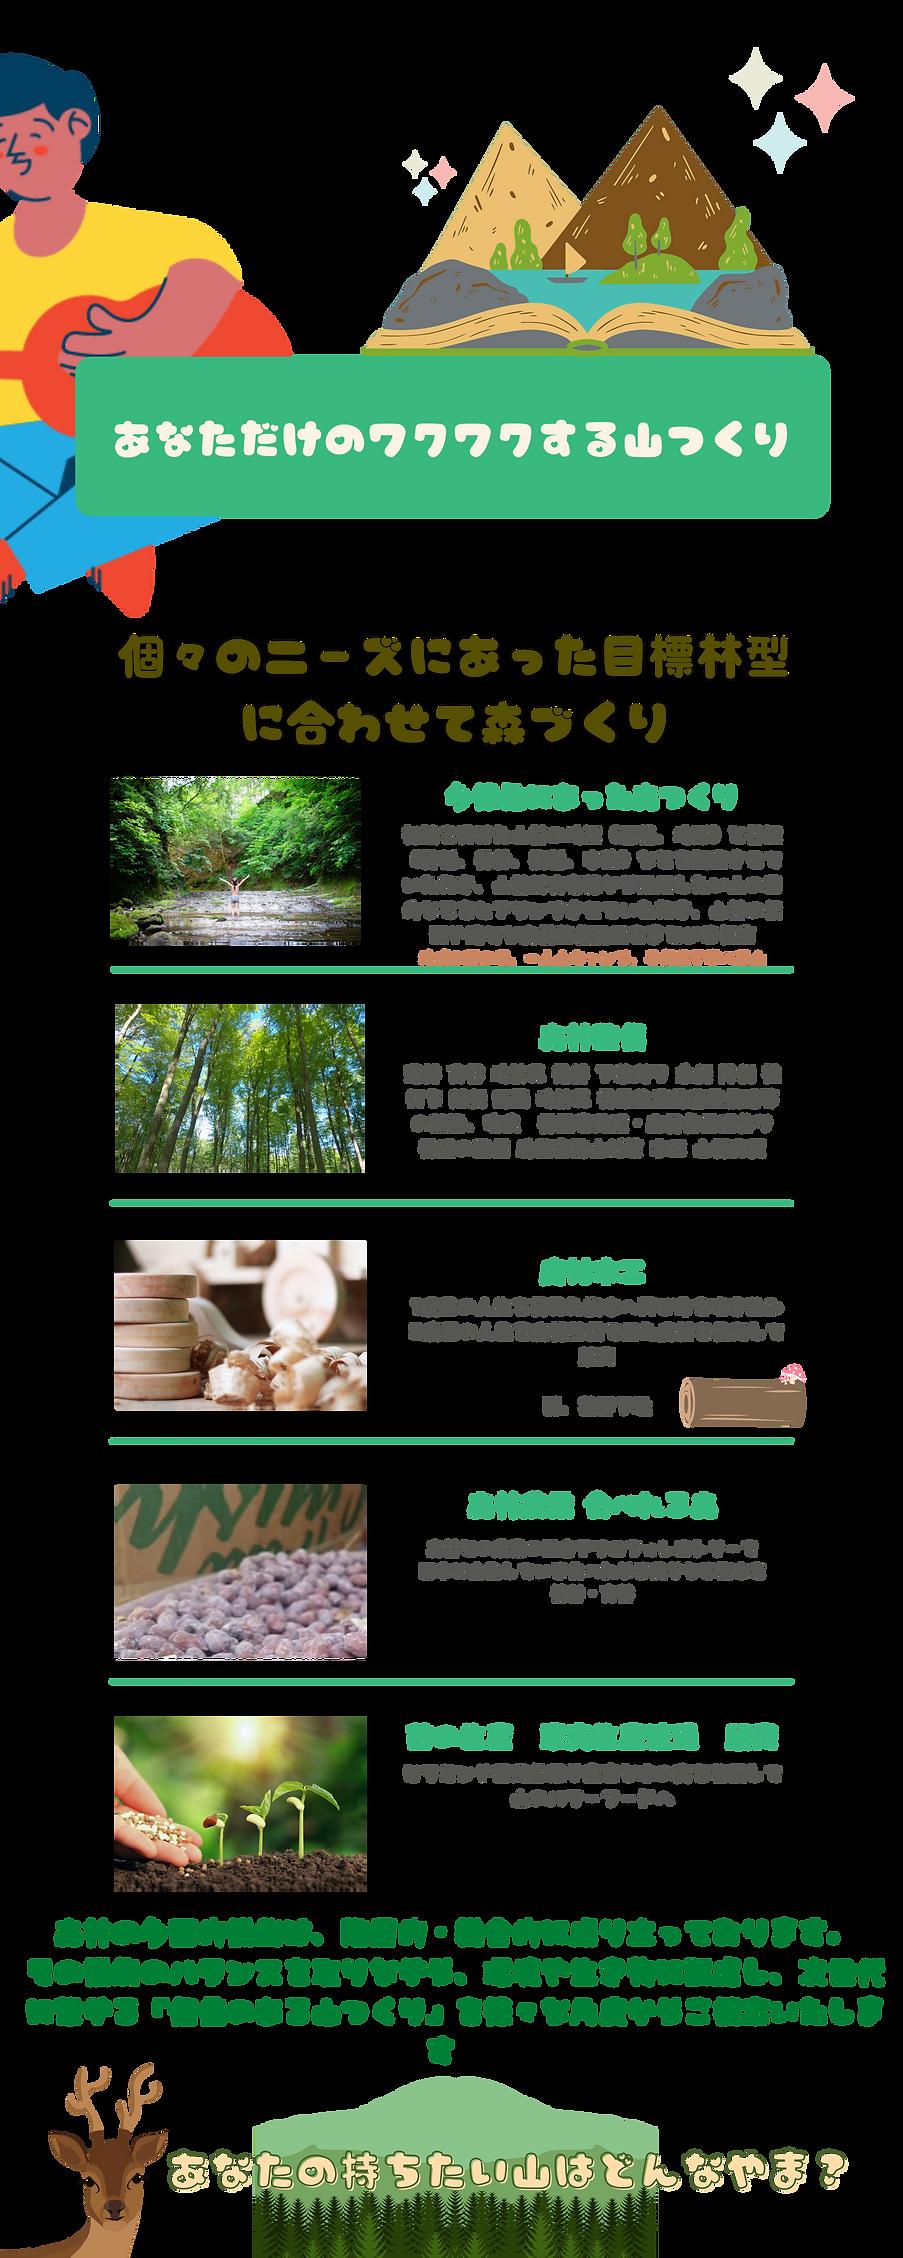 三重県の森林所有者様から整備委託された森林を、持続可能な価値ある山へ